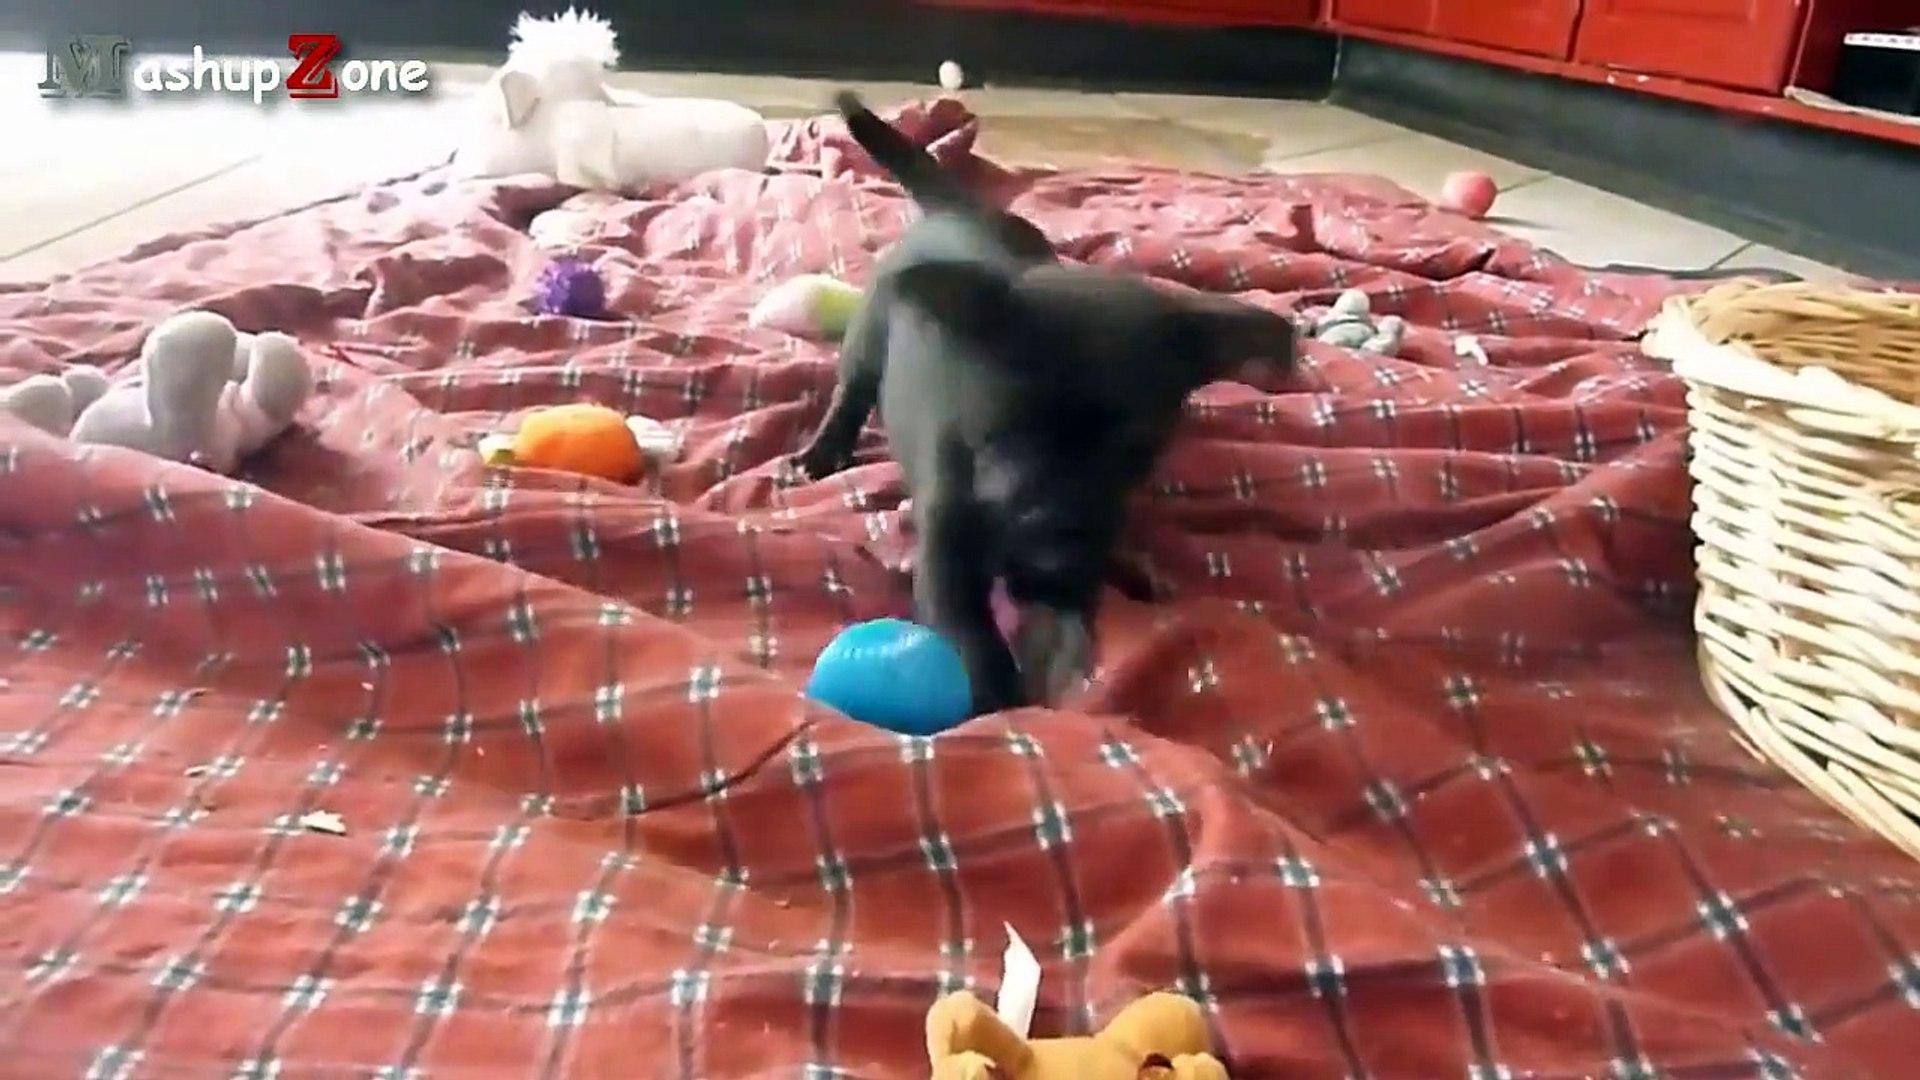 Cute Puppies - A Cute Puppy Videos Compilatio